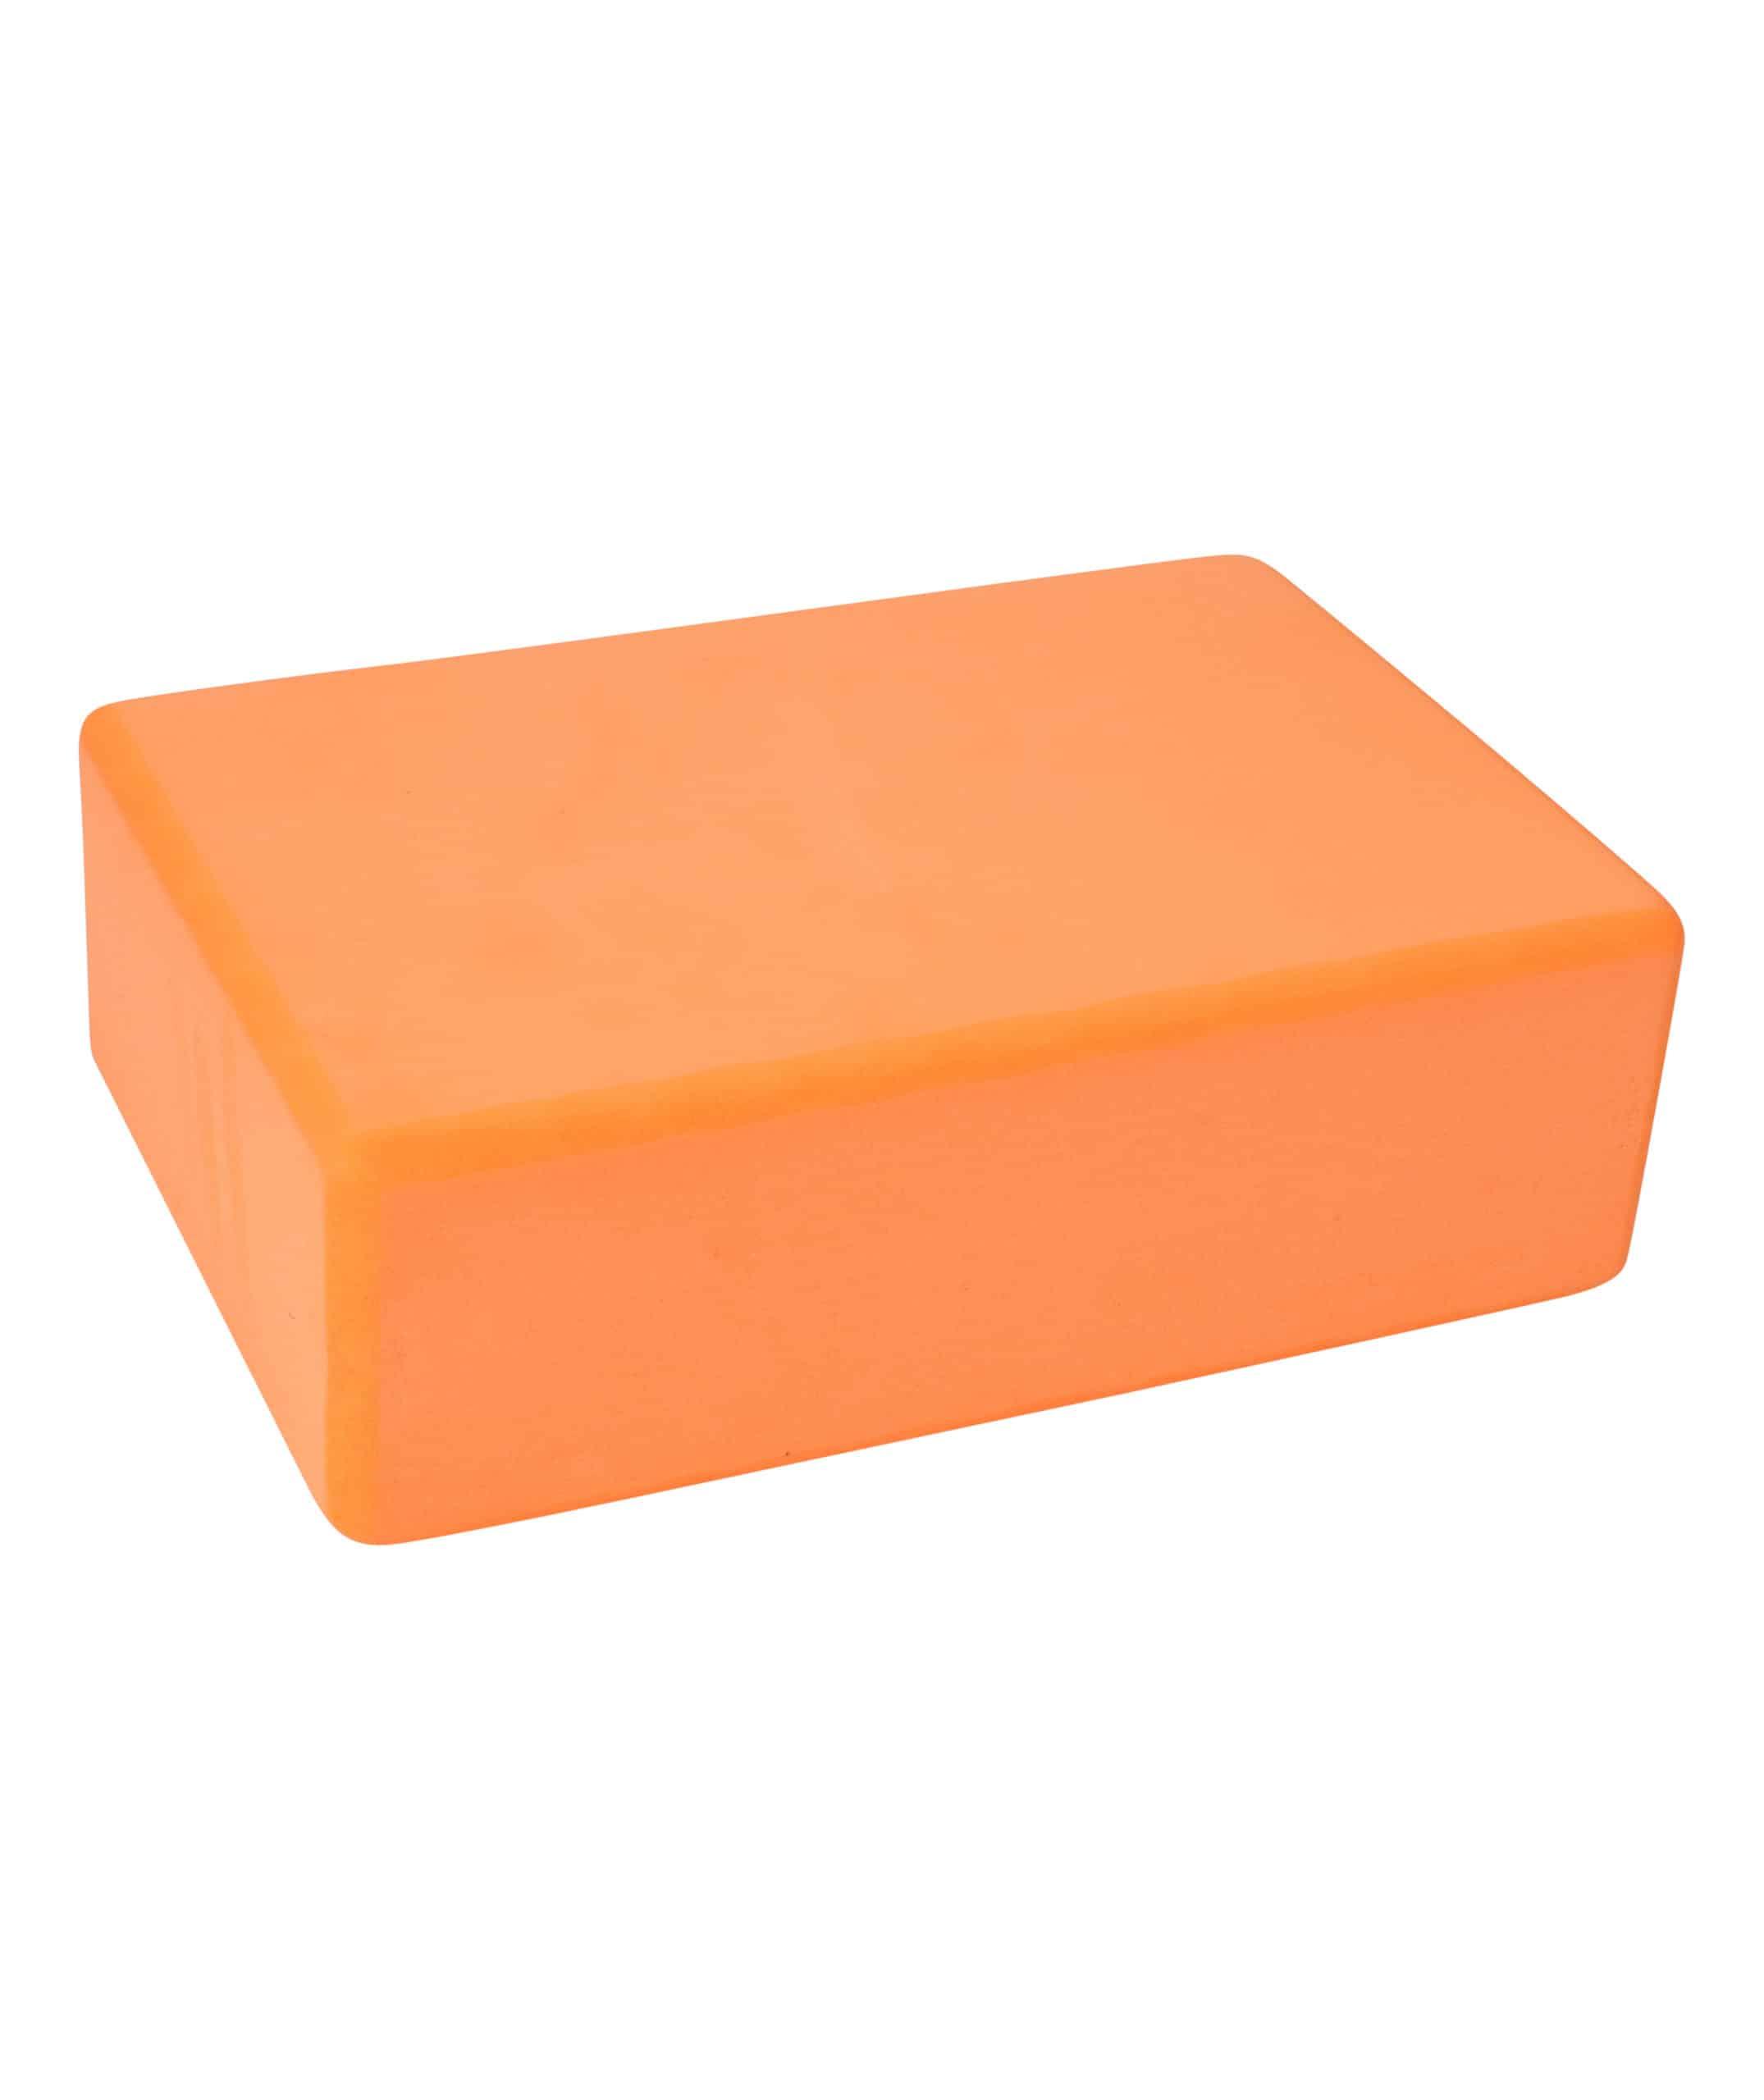 yoga block orange